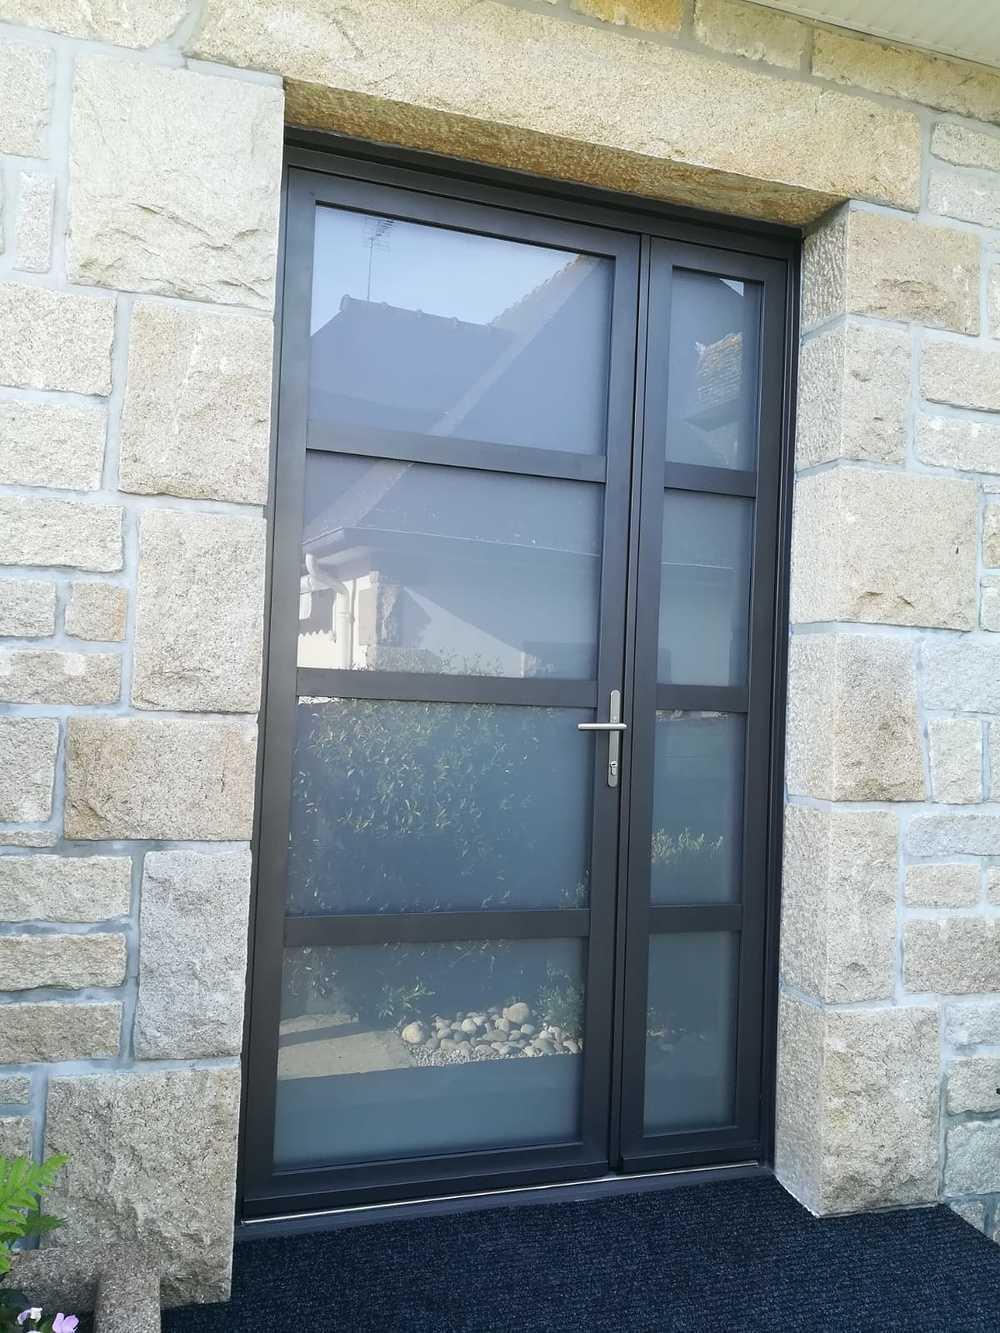 Porte entrée 4 vitrages dépolis avec imposte latéral verre dépoli sur façade pierre - St Malo 0